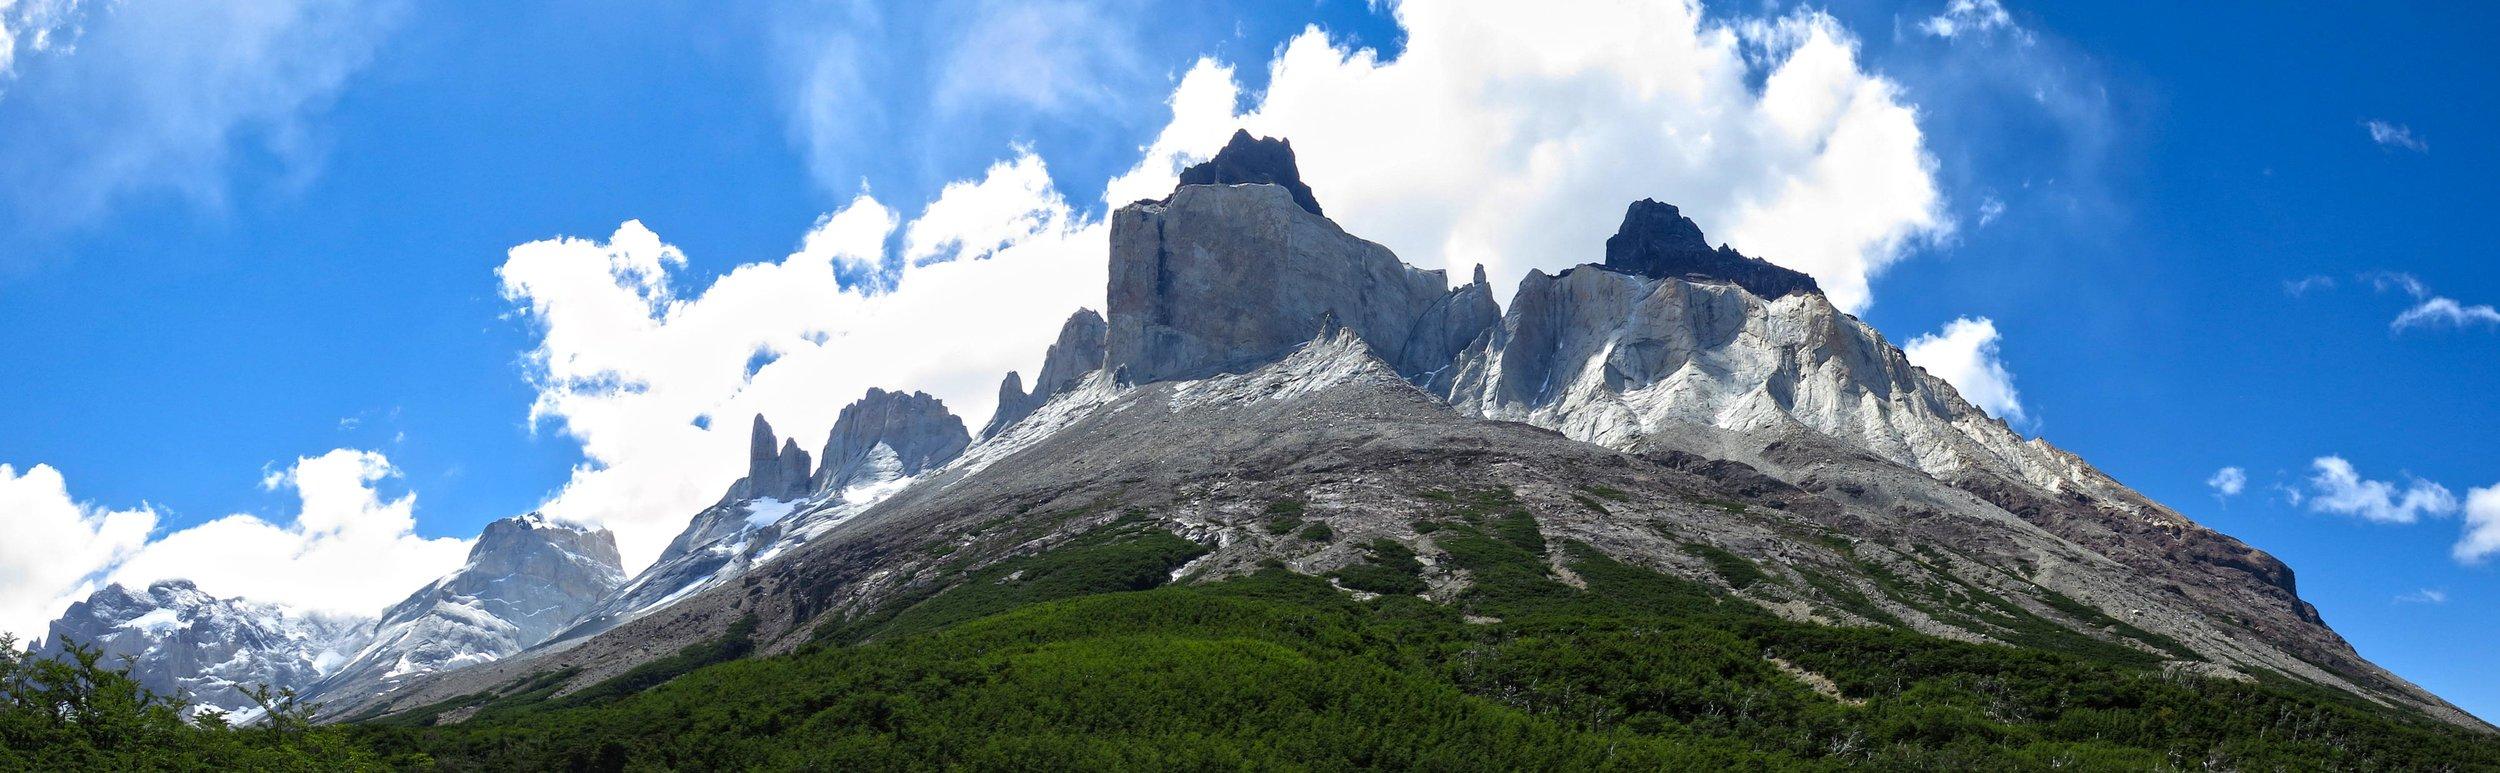 Patagonia WebSized-73.jpg